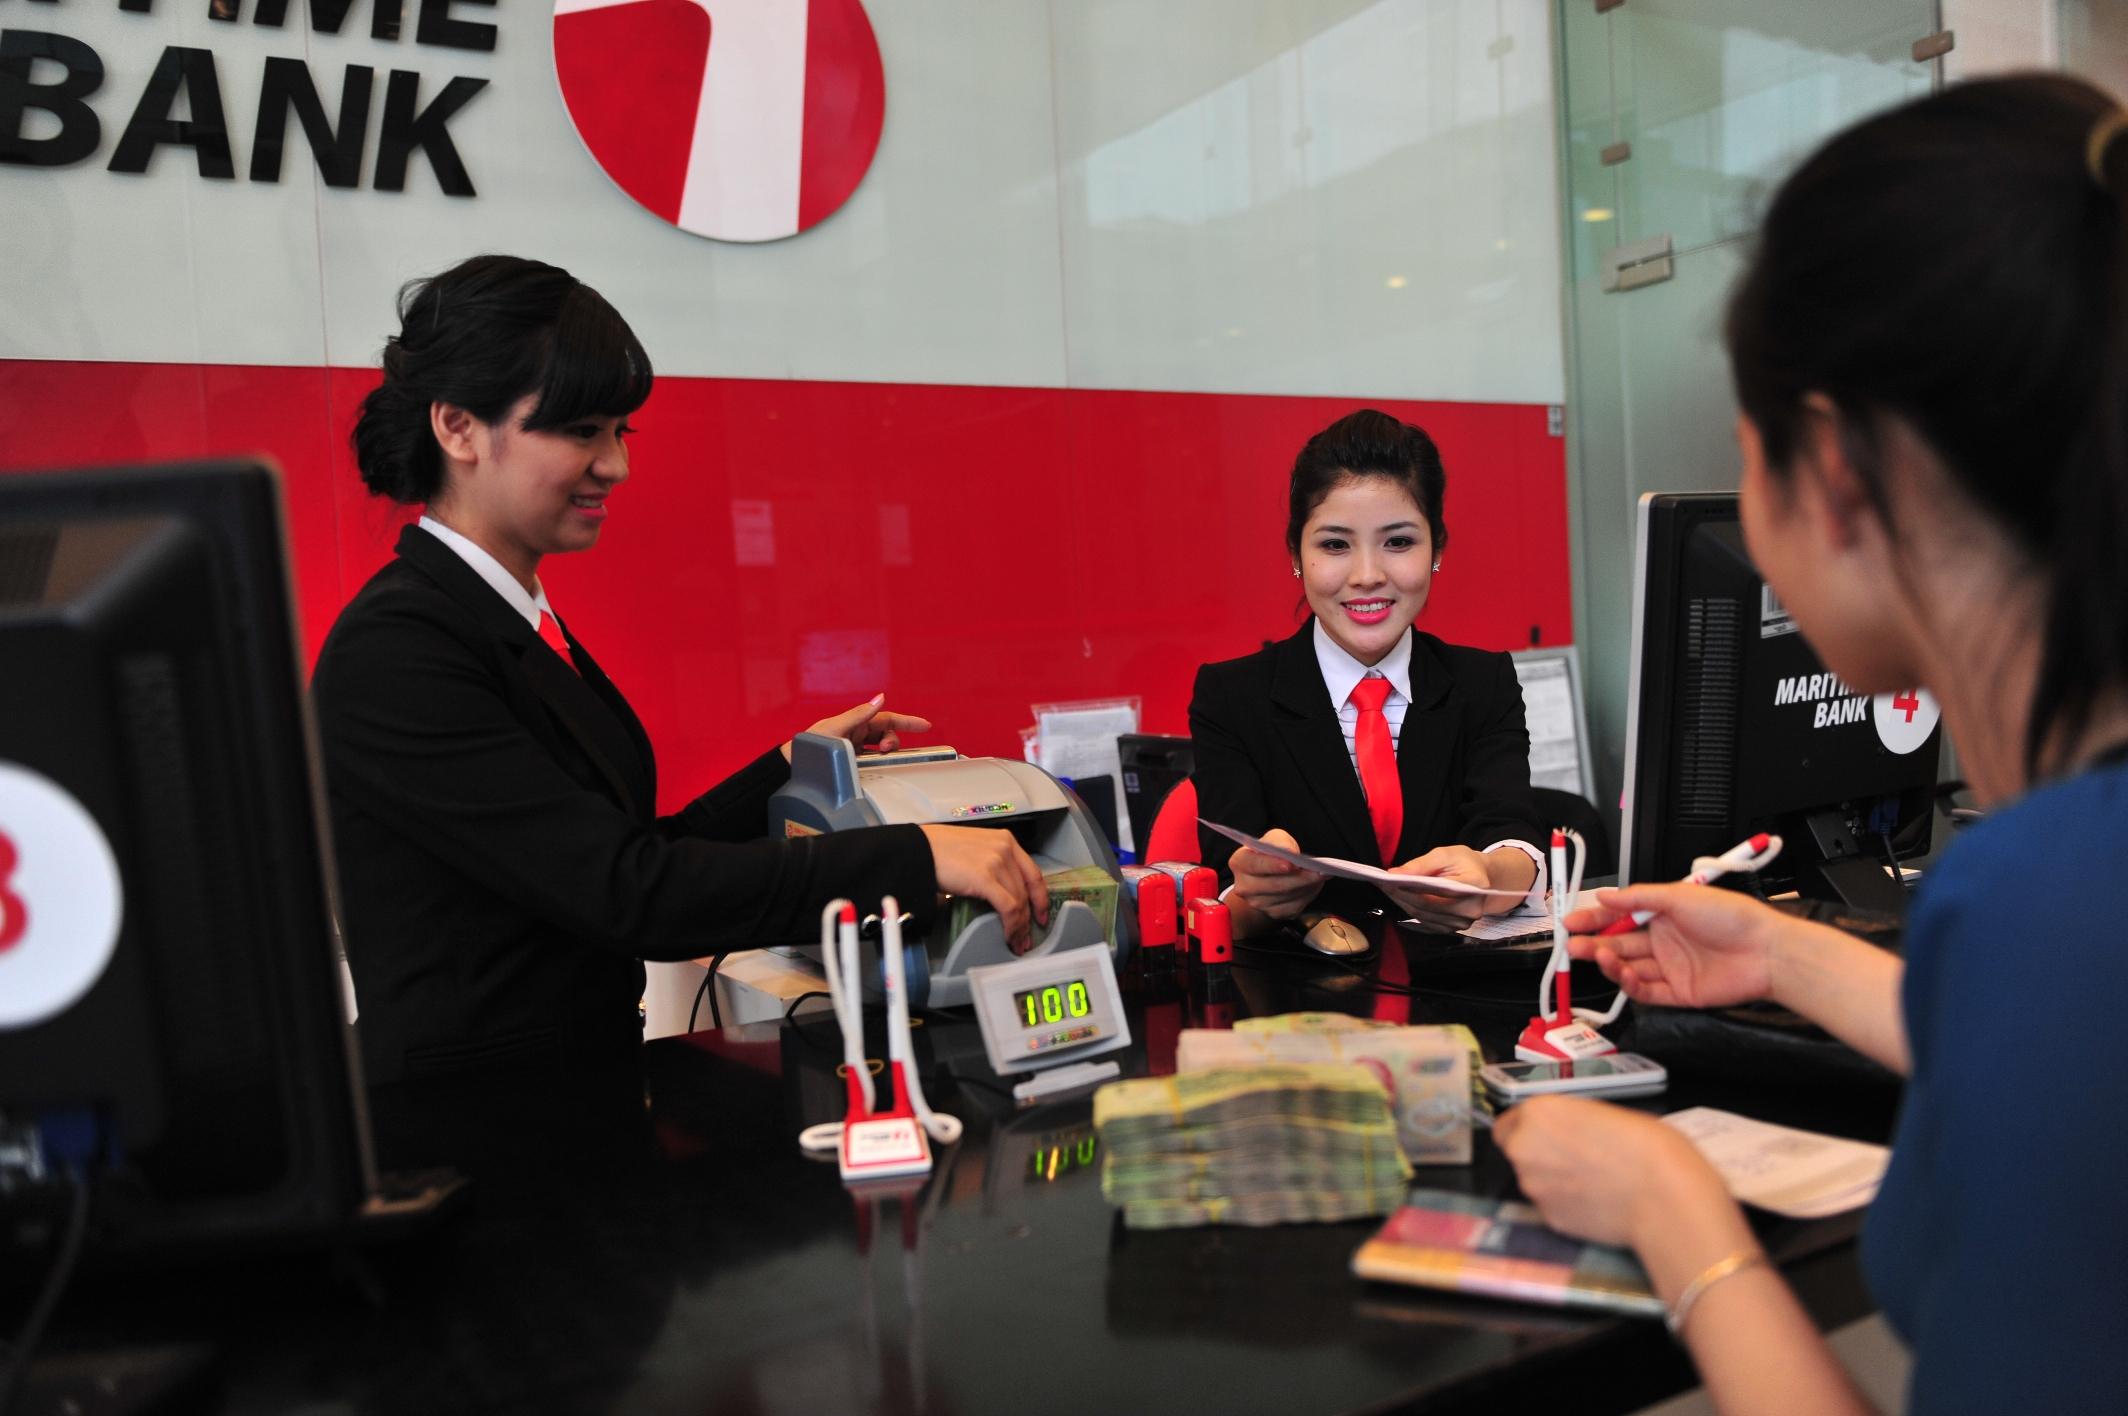 Khách hàng Maritime Bank có thể kiểm tra tình trạng sổ tiết kiệm tại nhà